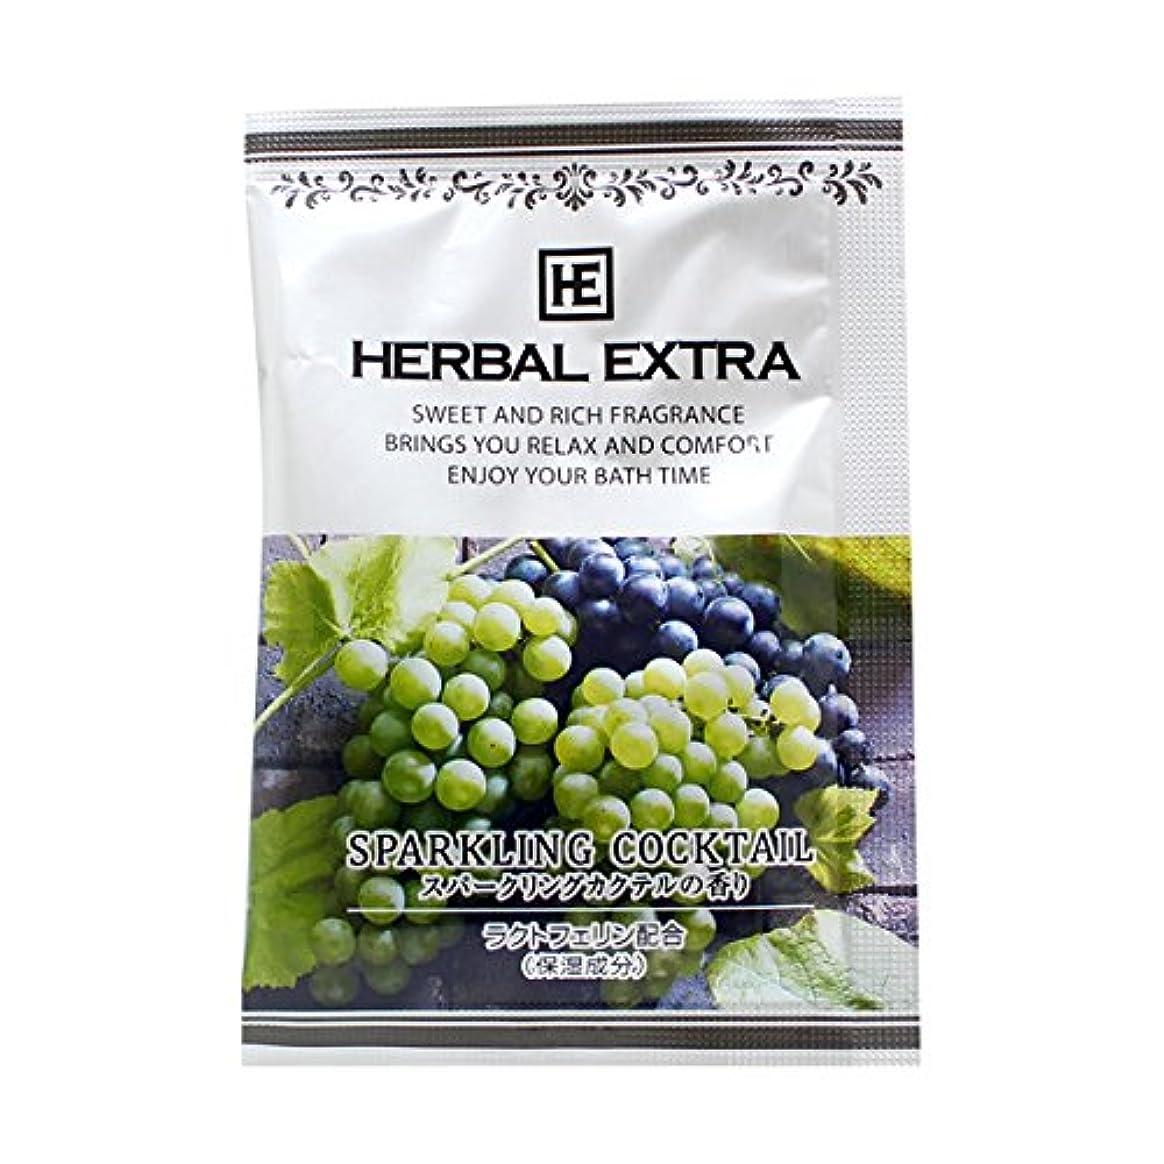 水星自動化スキム入浴剤 ハーバルエクストラ「スパークリングカクテルの香り」30個